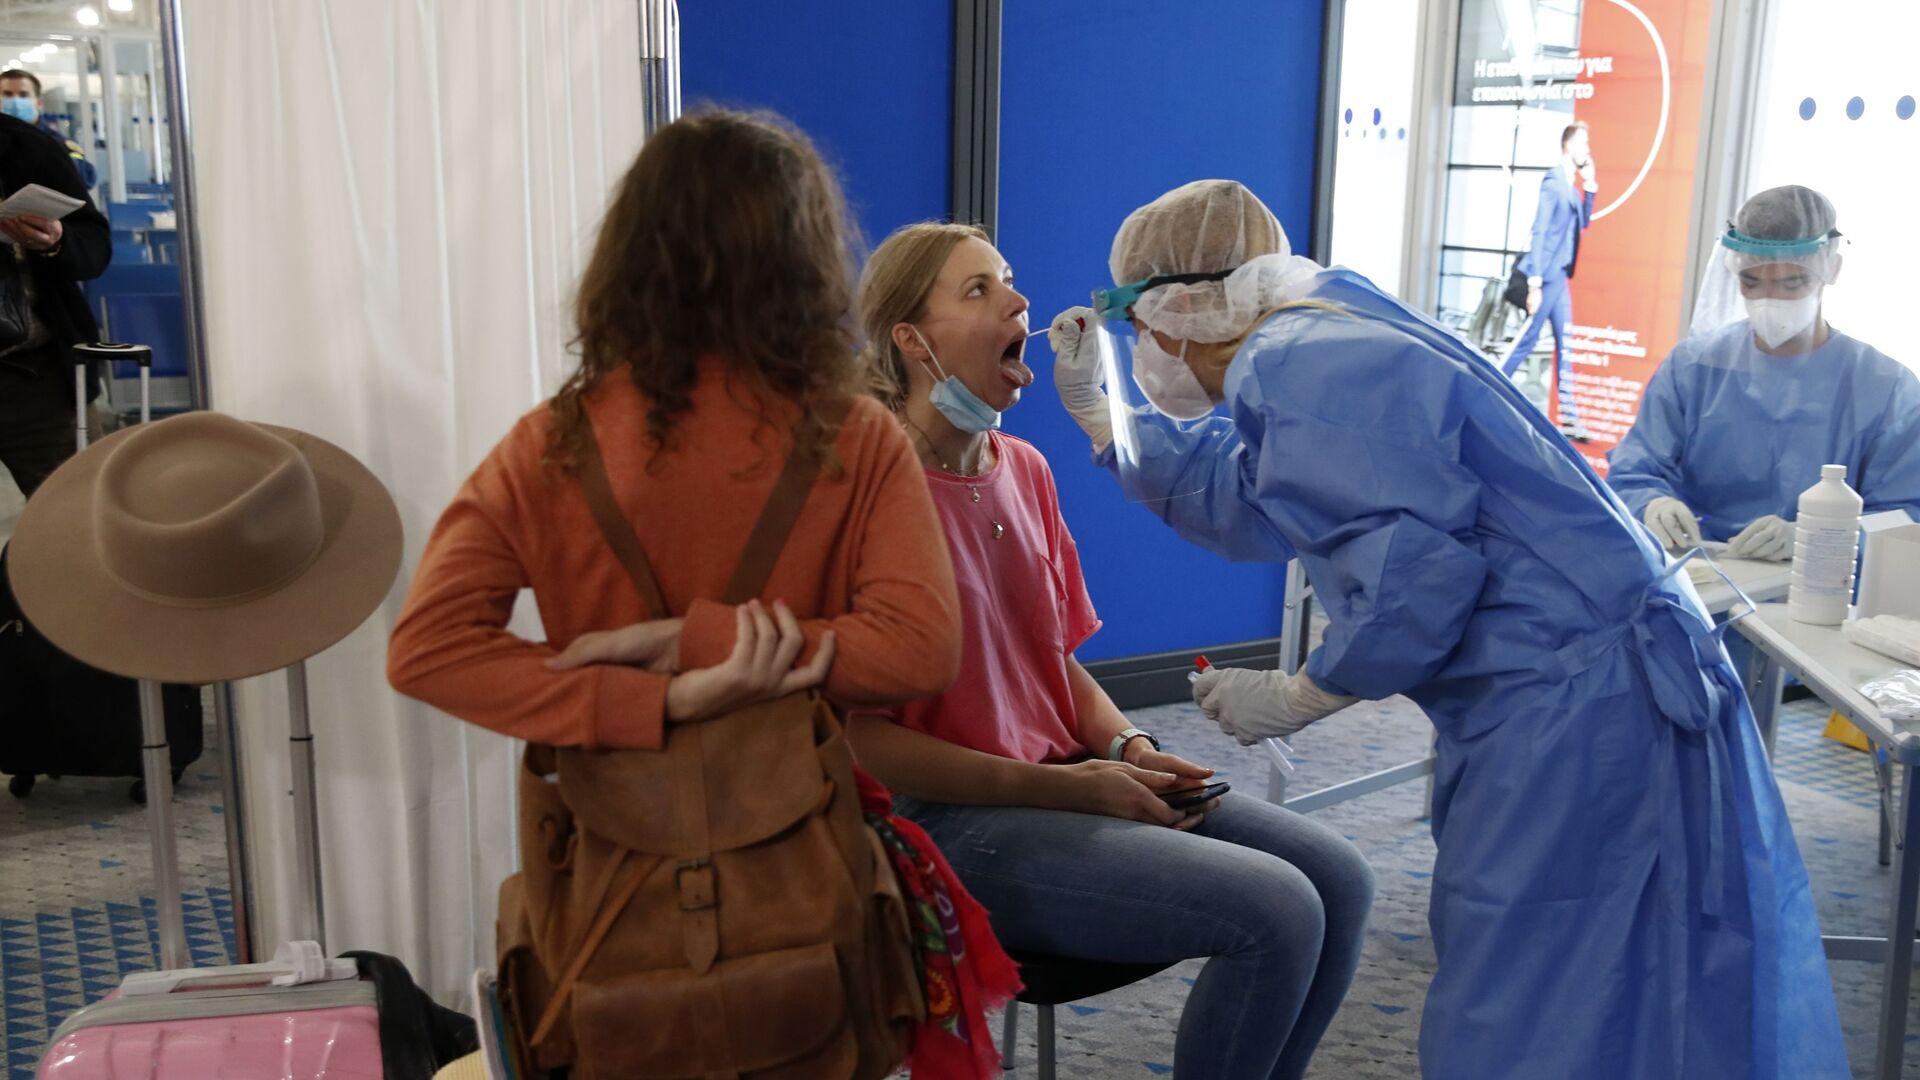 Прибывшую из Катара пассажирку тестируют на коронавирус в международном аэропорту Элефтериос Венизелос в Афинах - Sputnik Česká republika, 1920, 29.06.2021